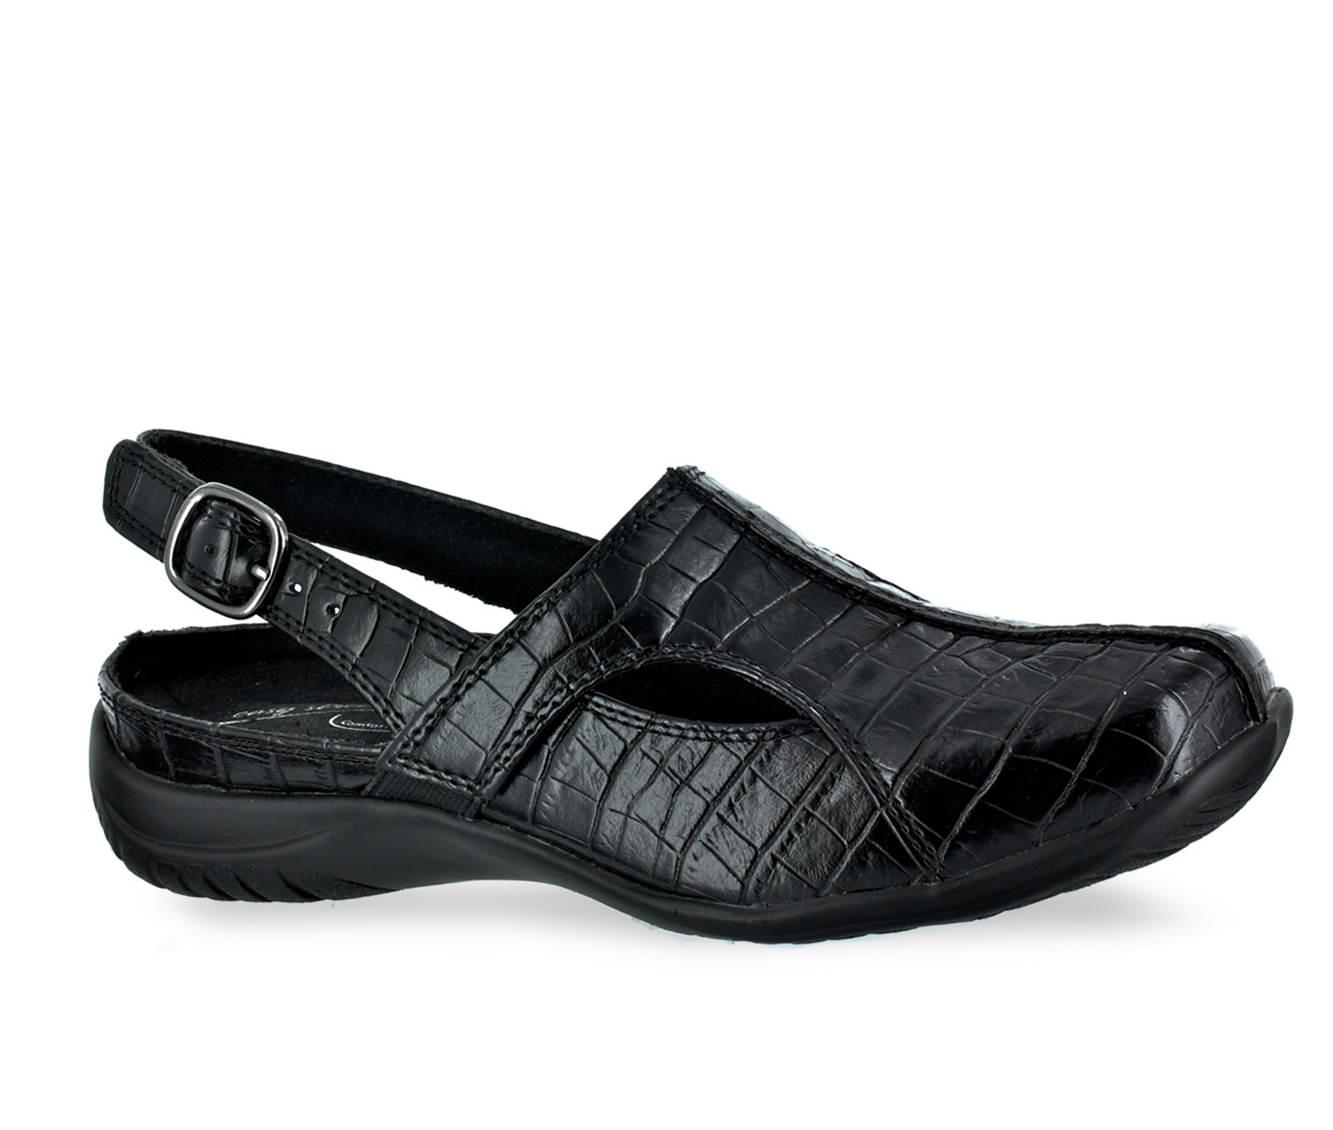 Easy Street Sportser Women's Shoe (Black Faux Leather)